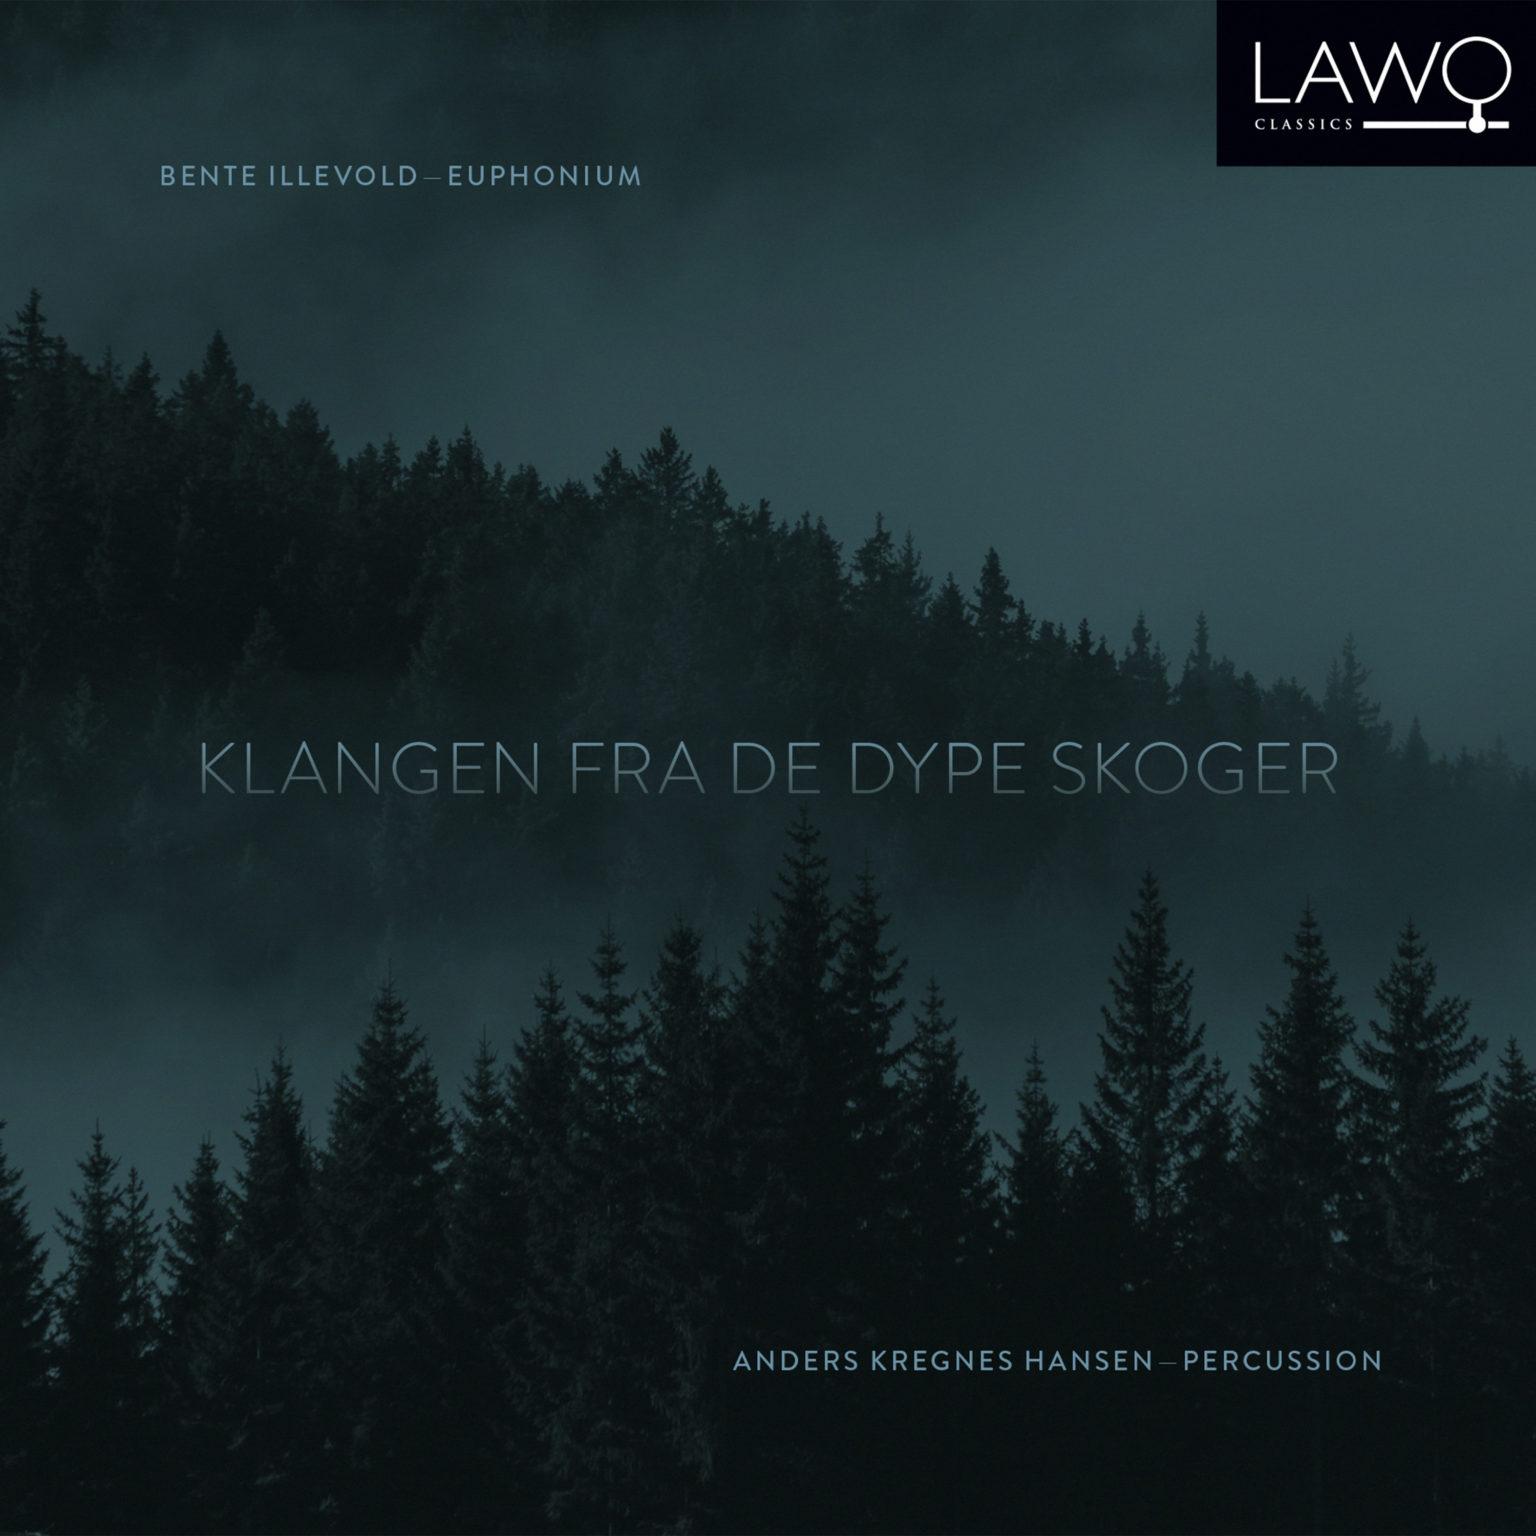 Click image for larger version.  Name:LWC1195_Bente_Illevold_Klangen_fra_de_dype_skoger_cover_3000x3000px-1536x1536.jpg Views:1467 Size:174.8 KB ID:7720